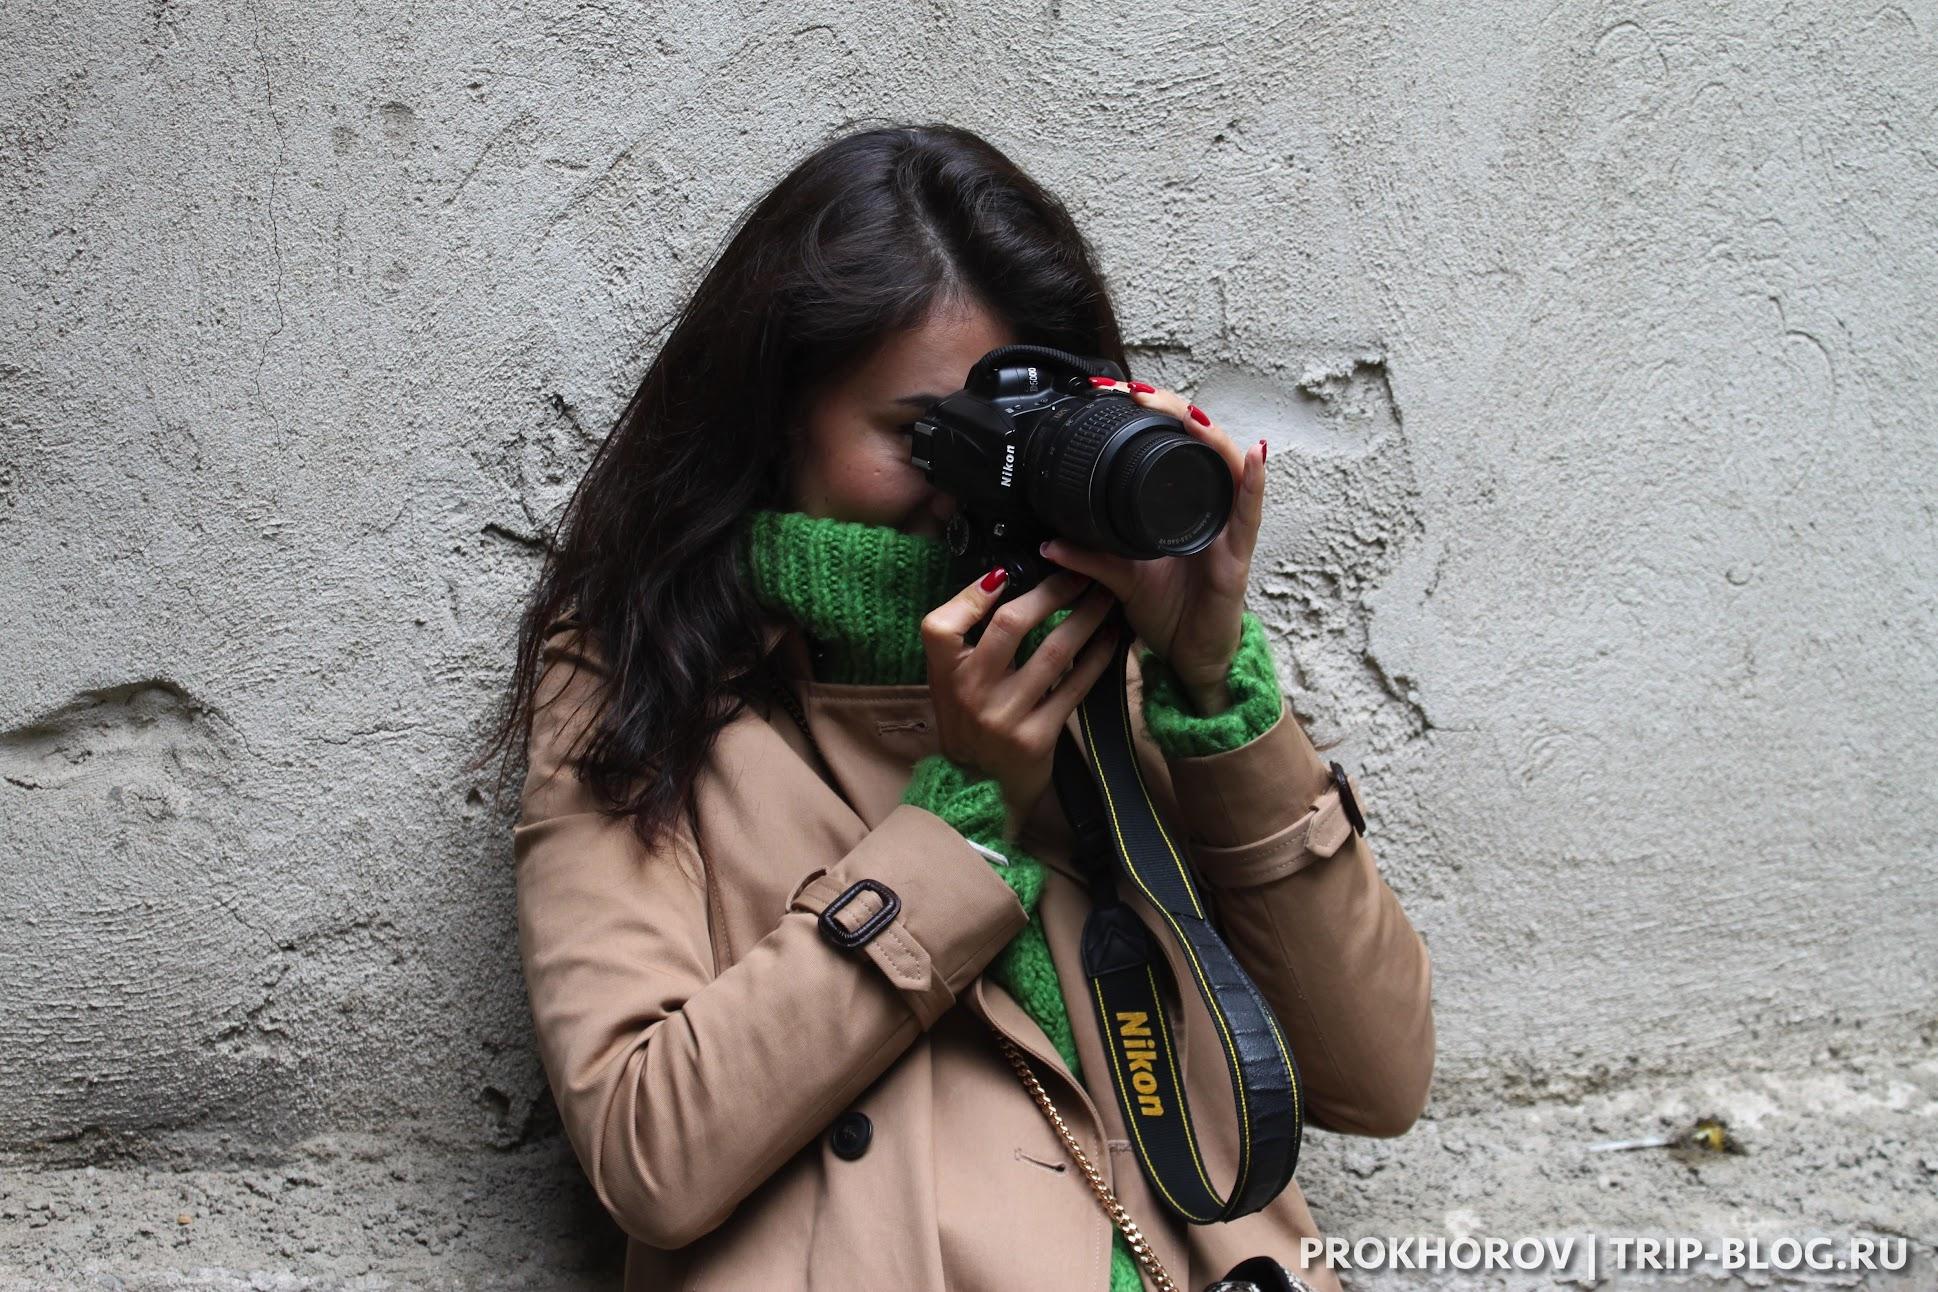 гиды в тбилиси нина инстаграм